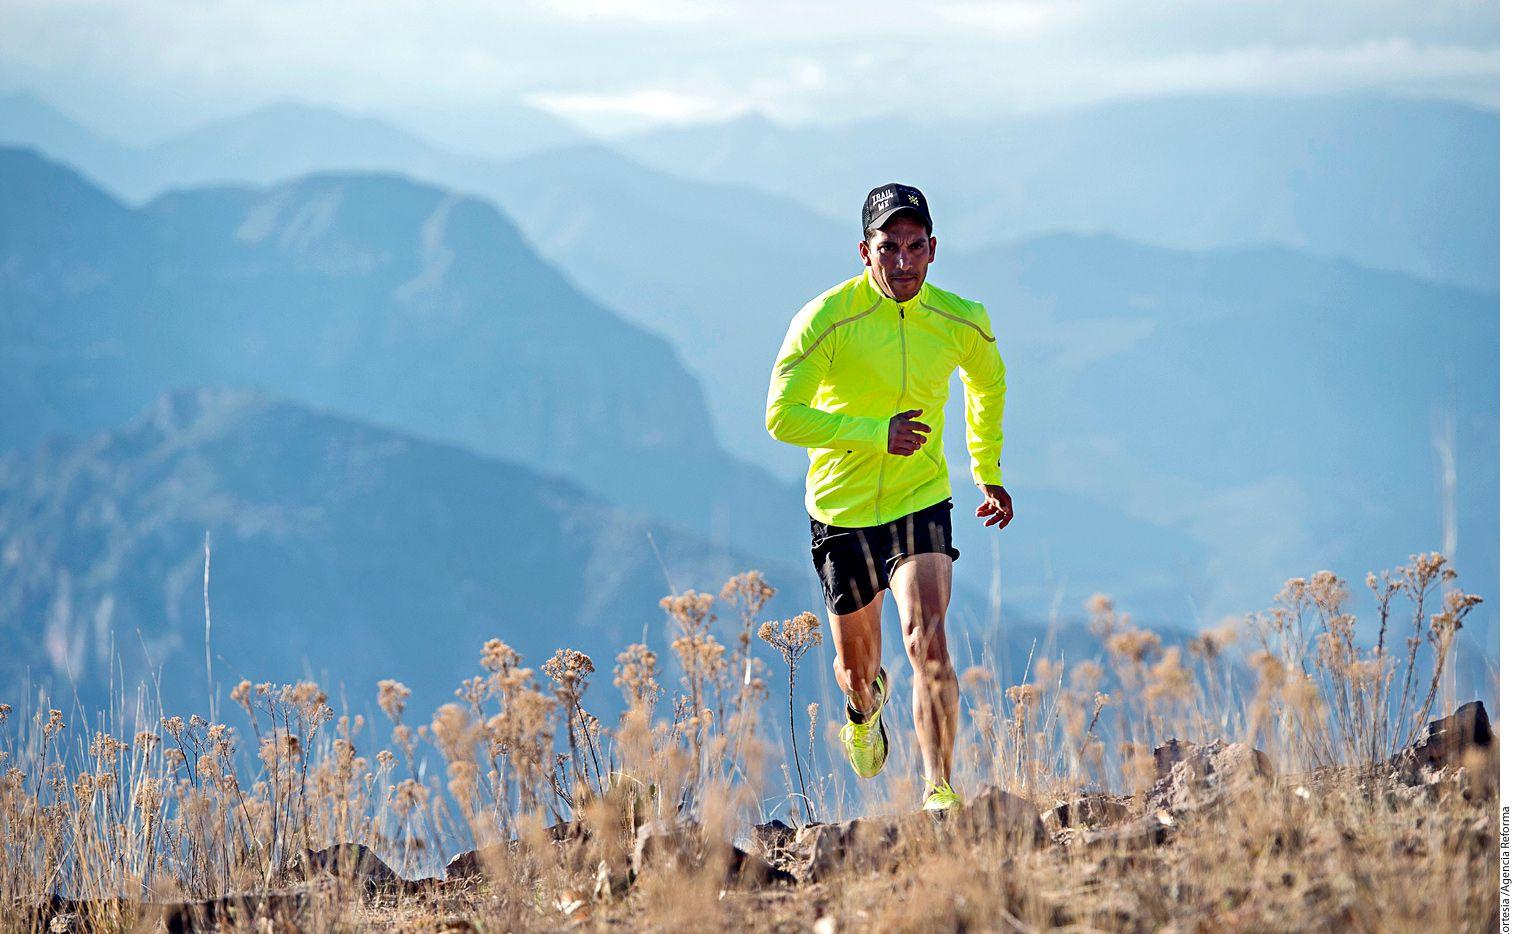 Para culminar el proyecto 4 Desiertos, Corriendo al Extremo, Daniel Almanza, ultramaratonista regiomontano de 35 años, recorrió aproximadamente mil kilómetros en total a través del Sahara (en Namibia), el de Gobi (en China), el de Atacama (en Chile) y la Antártida. Foto AGENCIA REFORMA